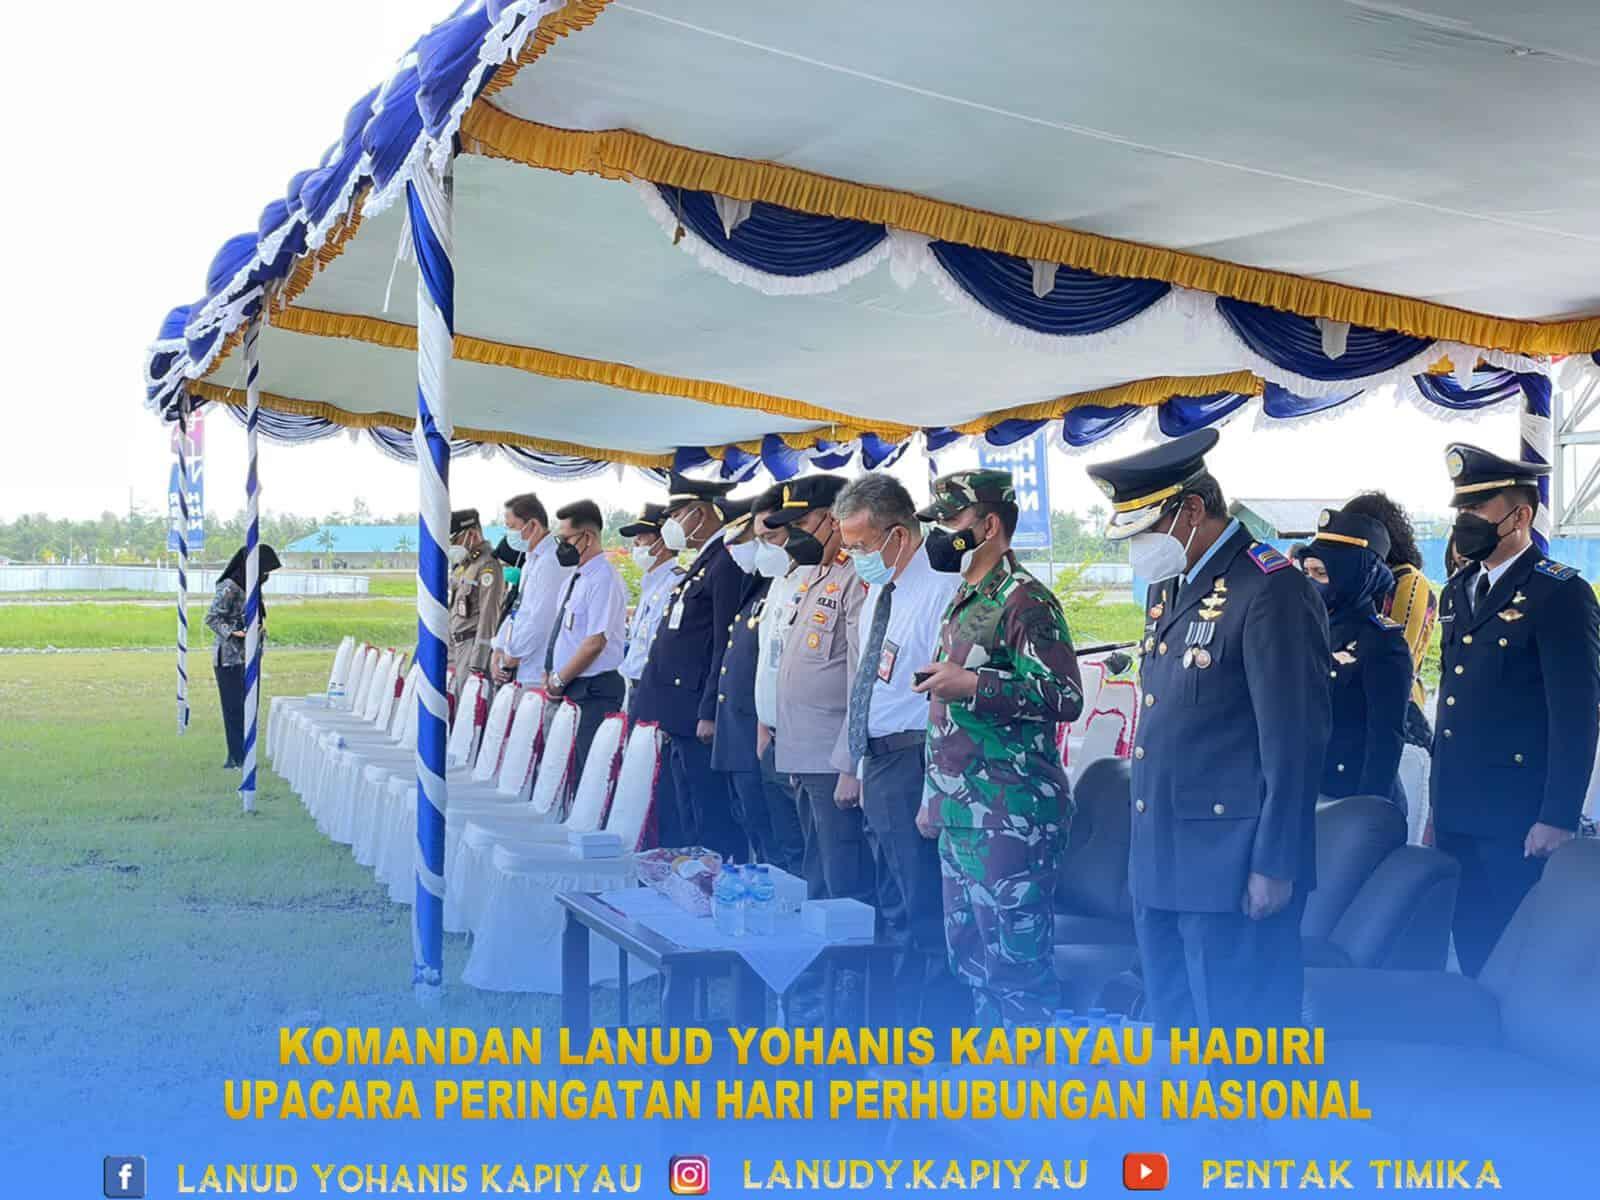 Hut perhubungan nasional